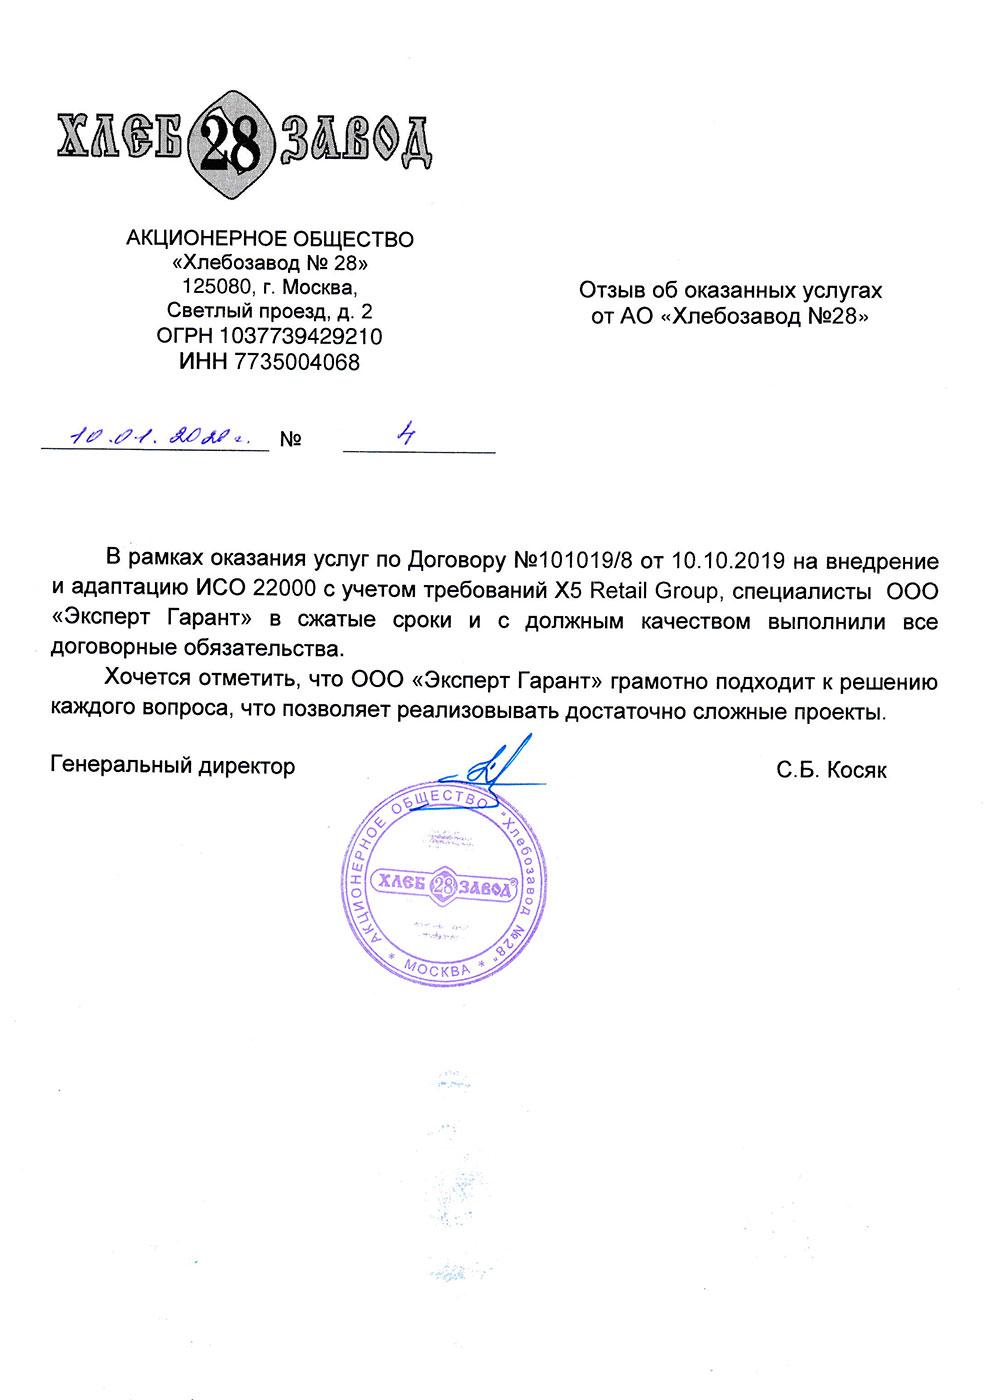 Отзыв о компании АО Хлебозавод №28